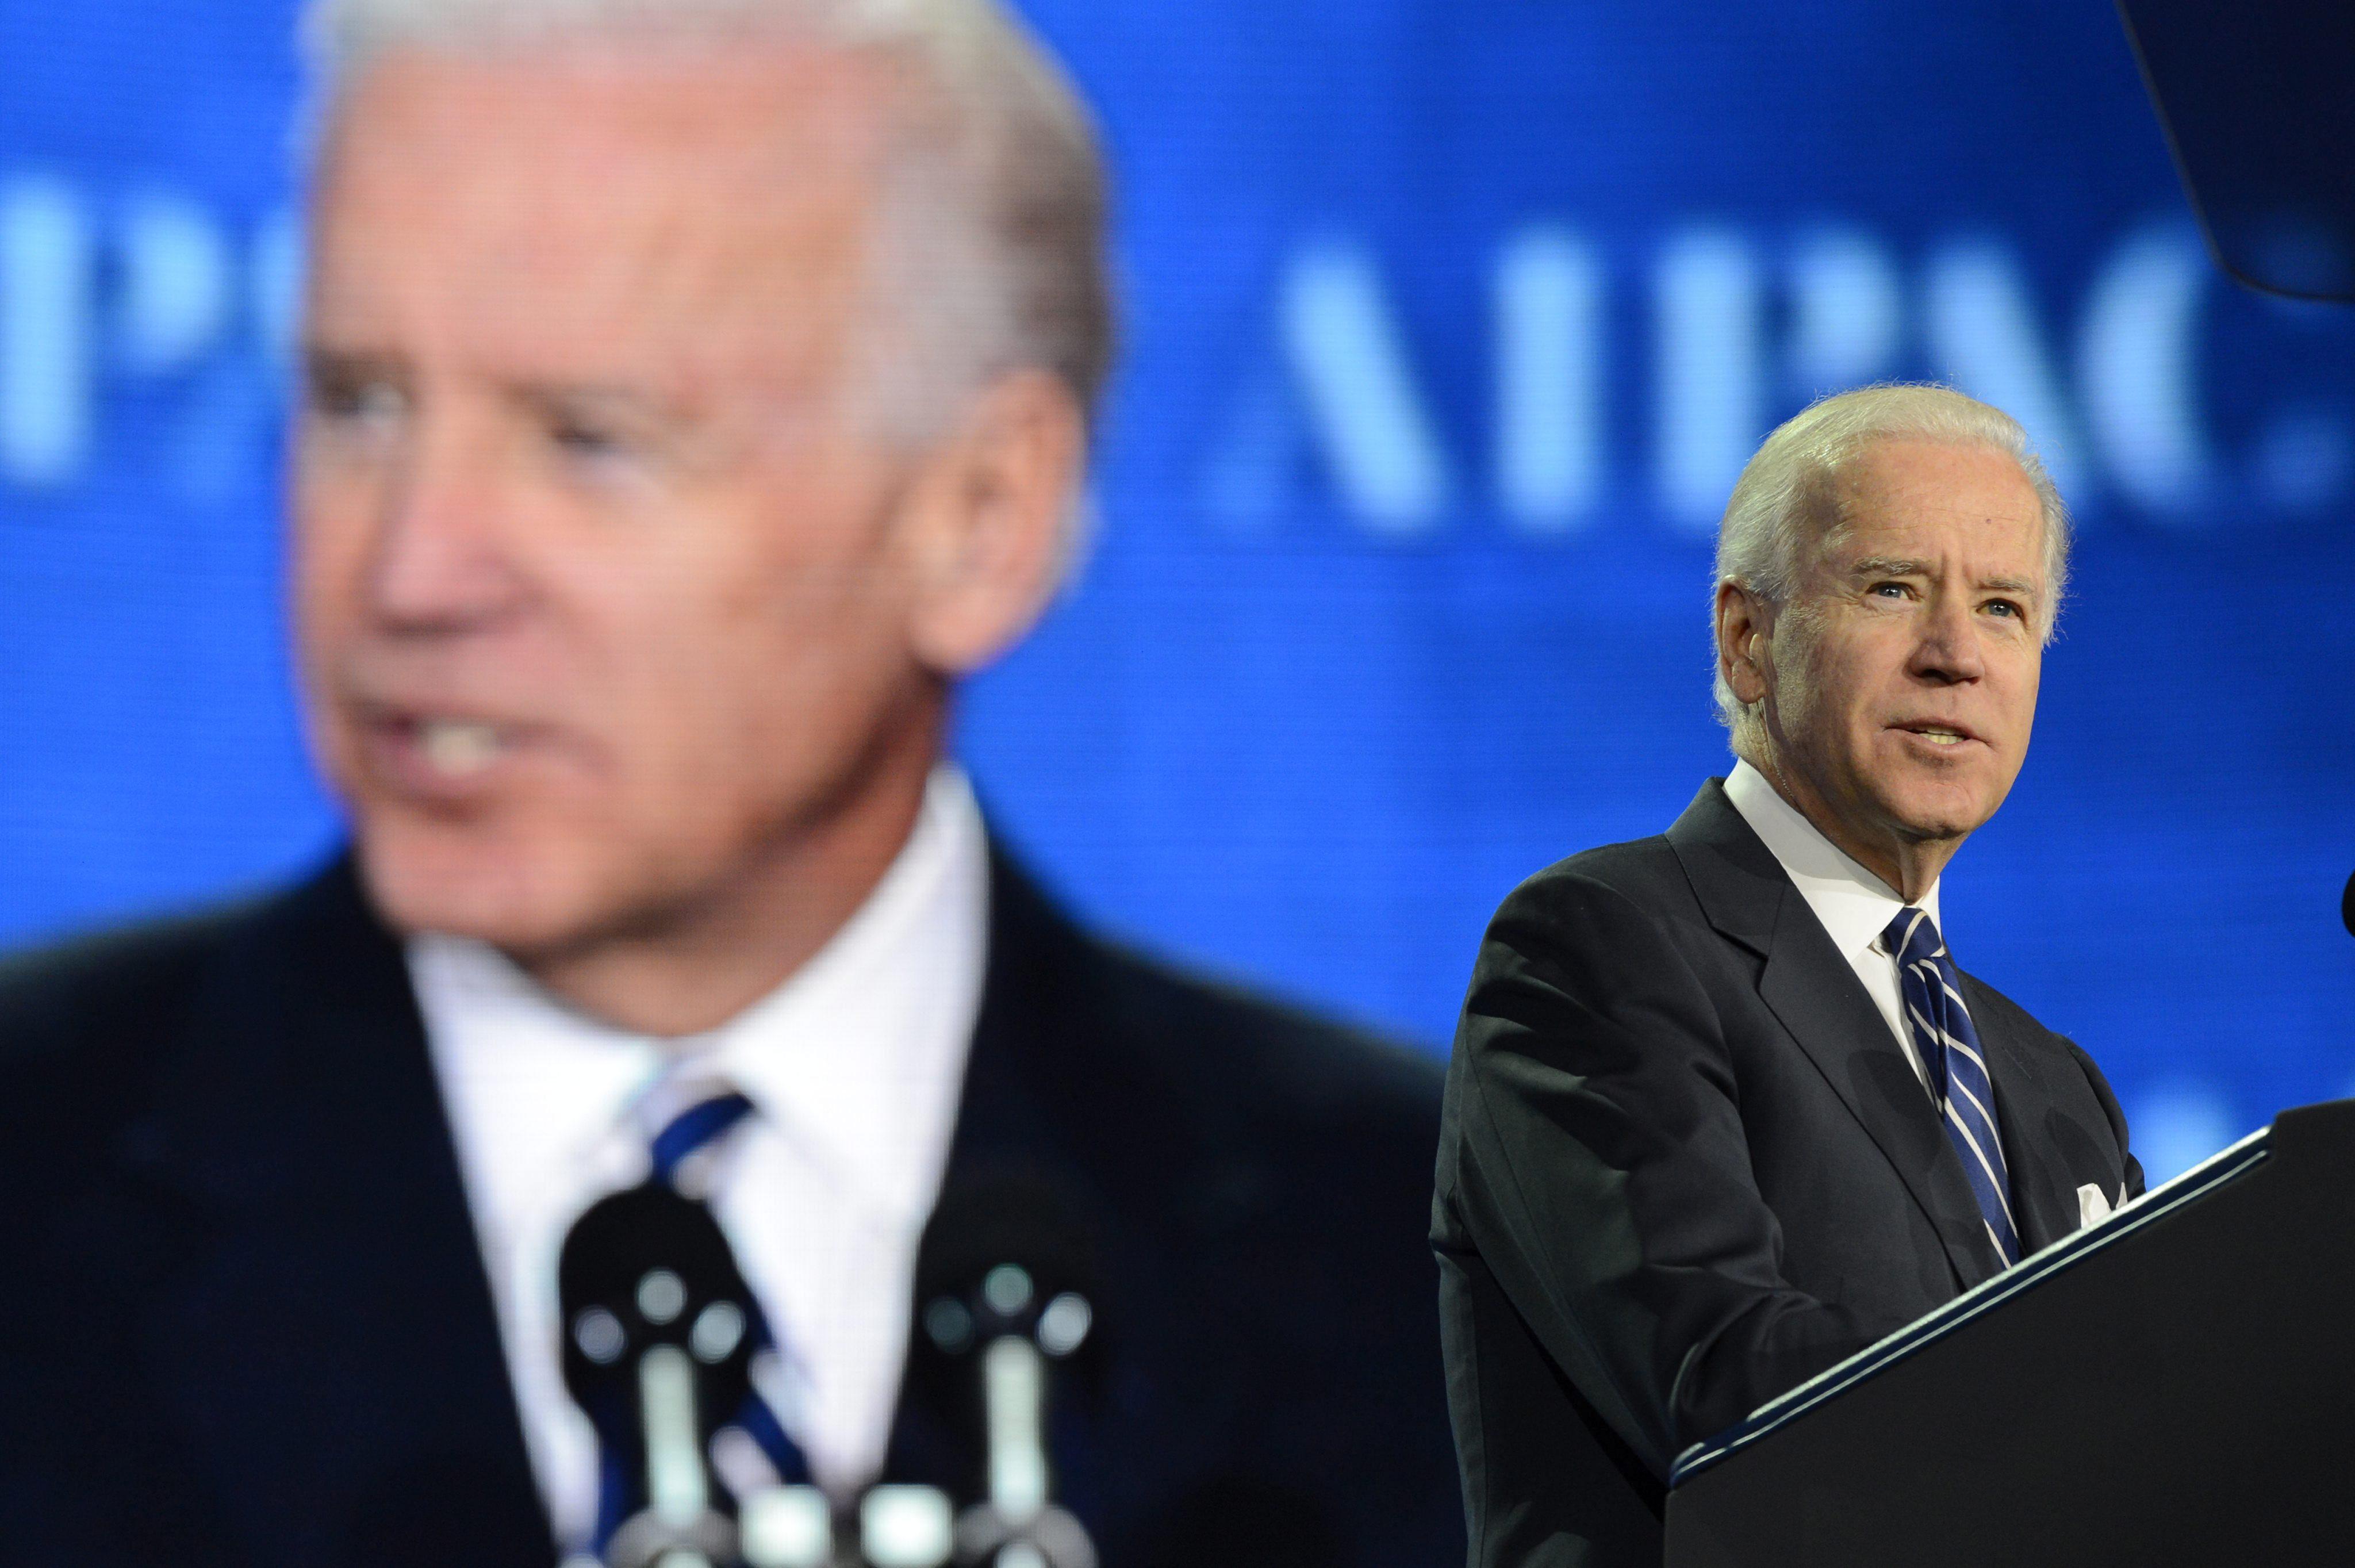 Biden inicia una gira latinoamericana para ampliar la relación con Colombia y Brasil